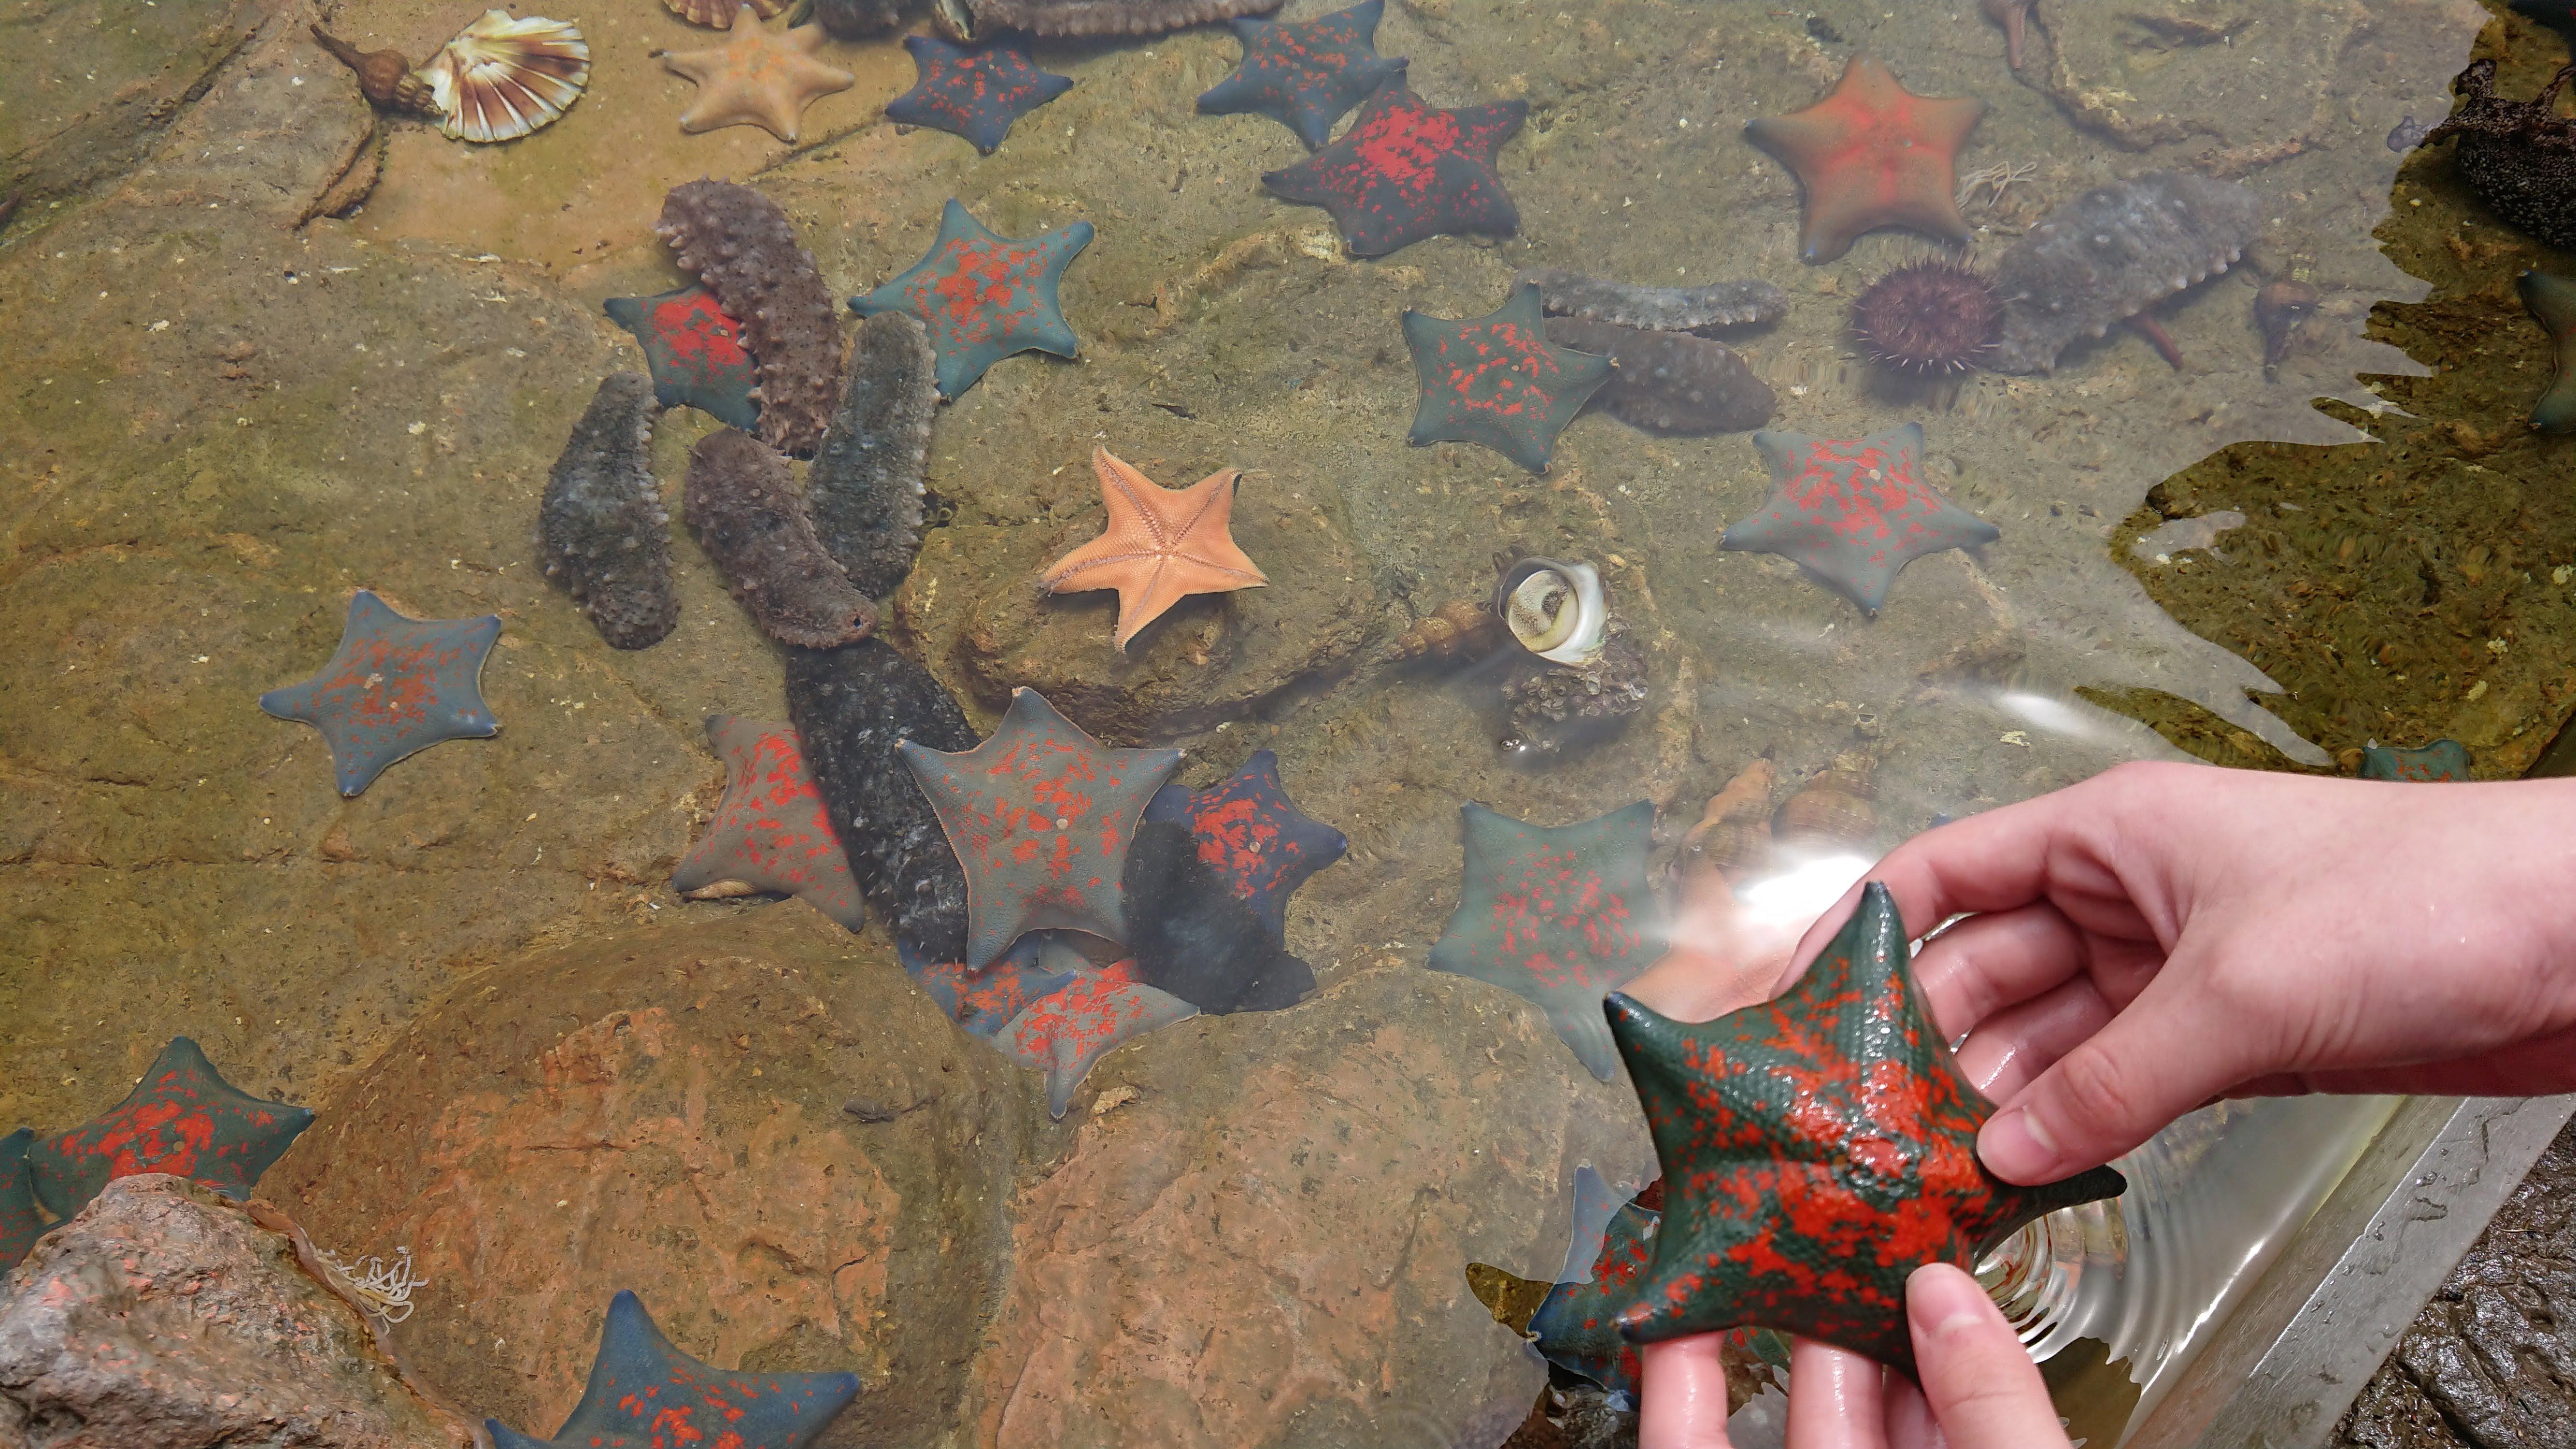 「魚っ知館」のタッチングプールでヒトデを触っている